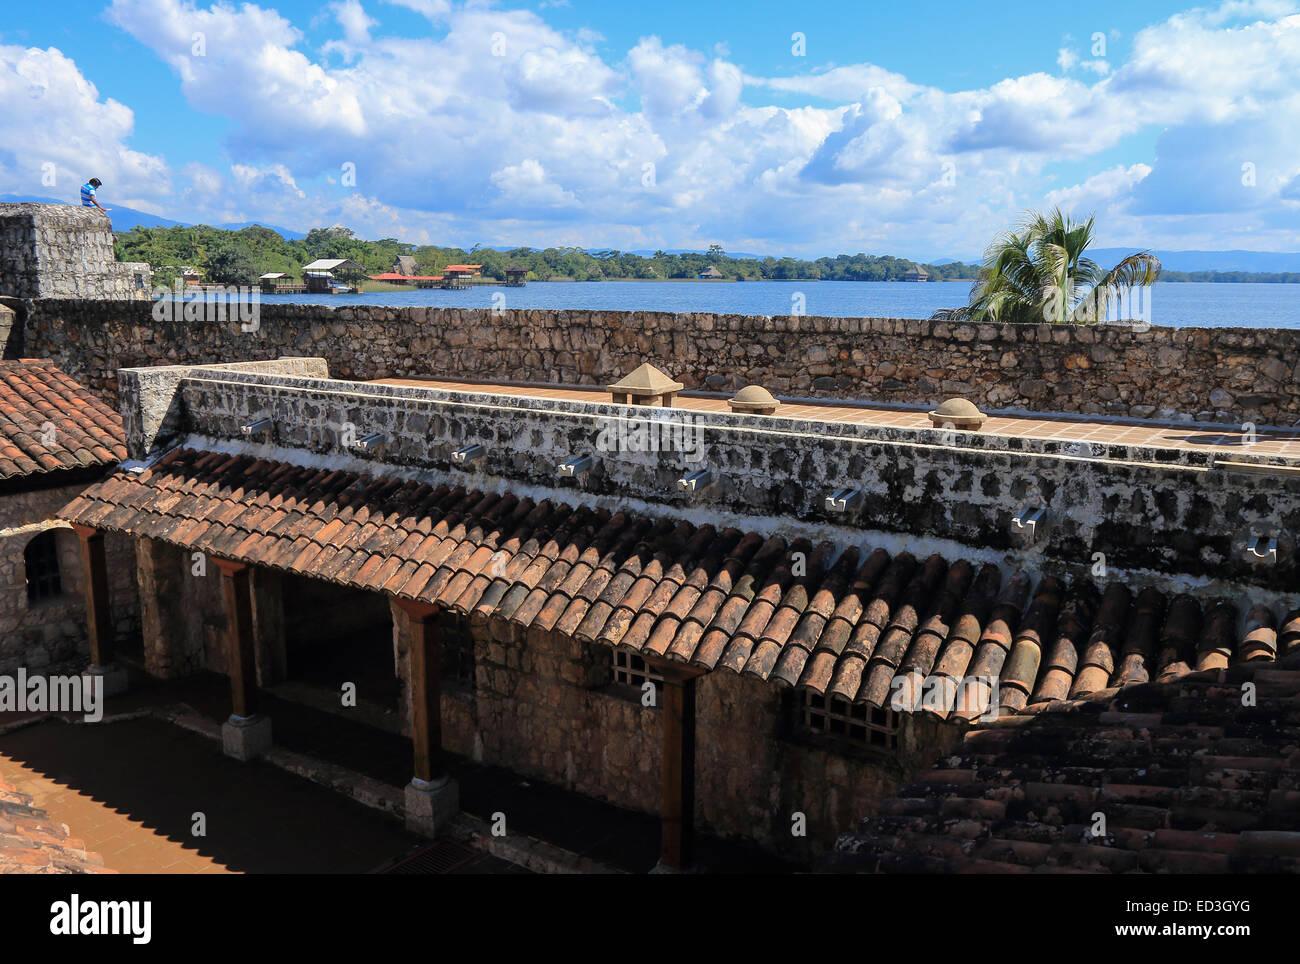 Interior of Castillo de San Felipe de Lara, a fort located at the entrance to Lago Izabal in Rio Dulce, Guatemala. - Stock Image